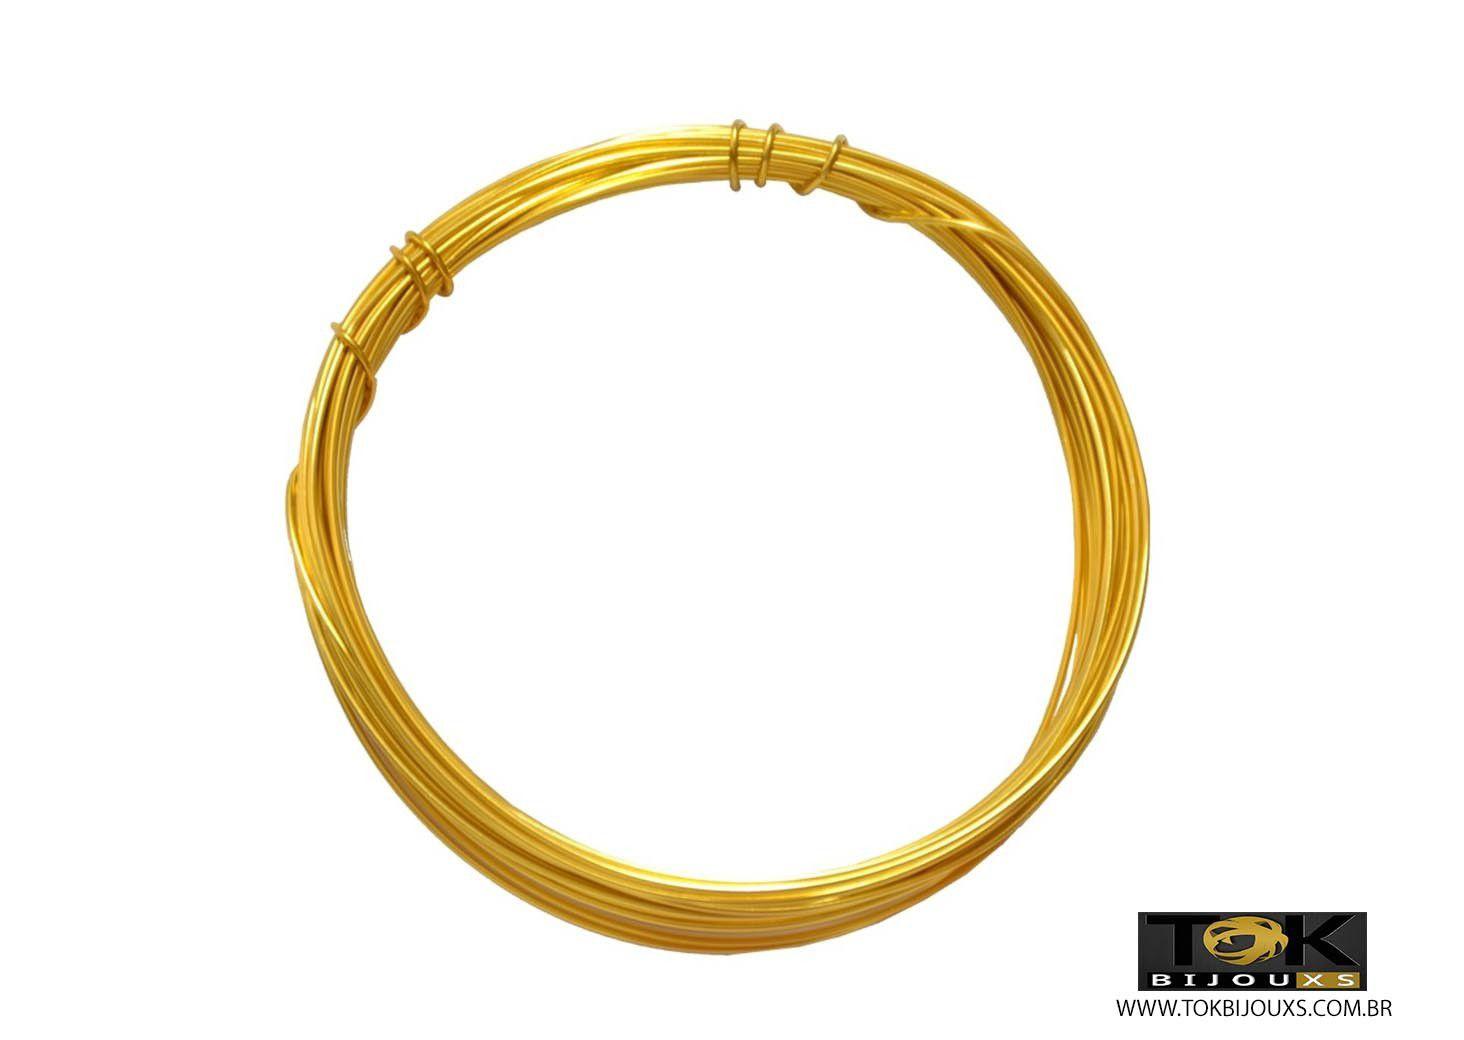 Arame Aluminio Dourado 2,0mm - 500g